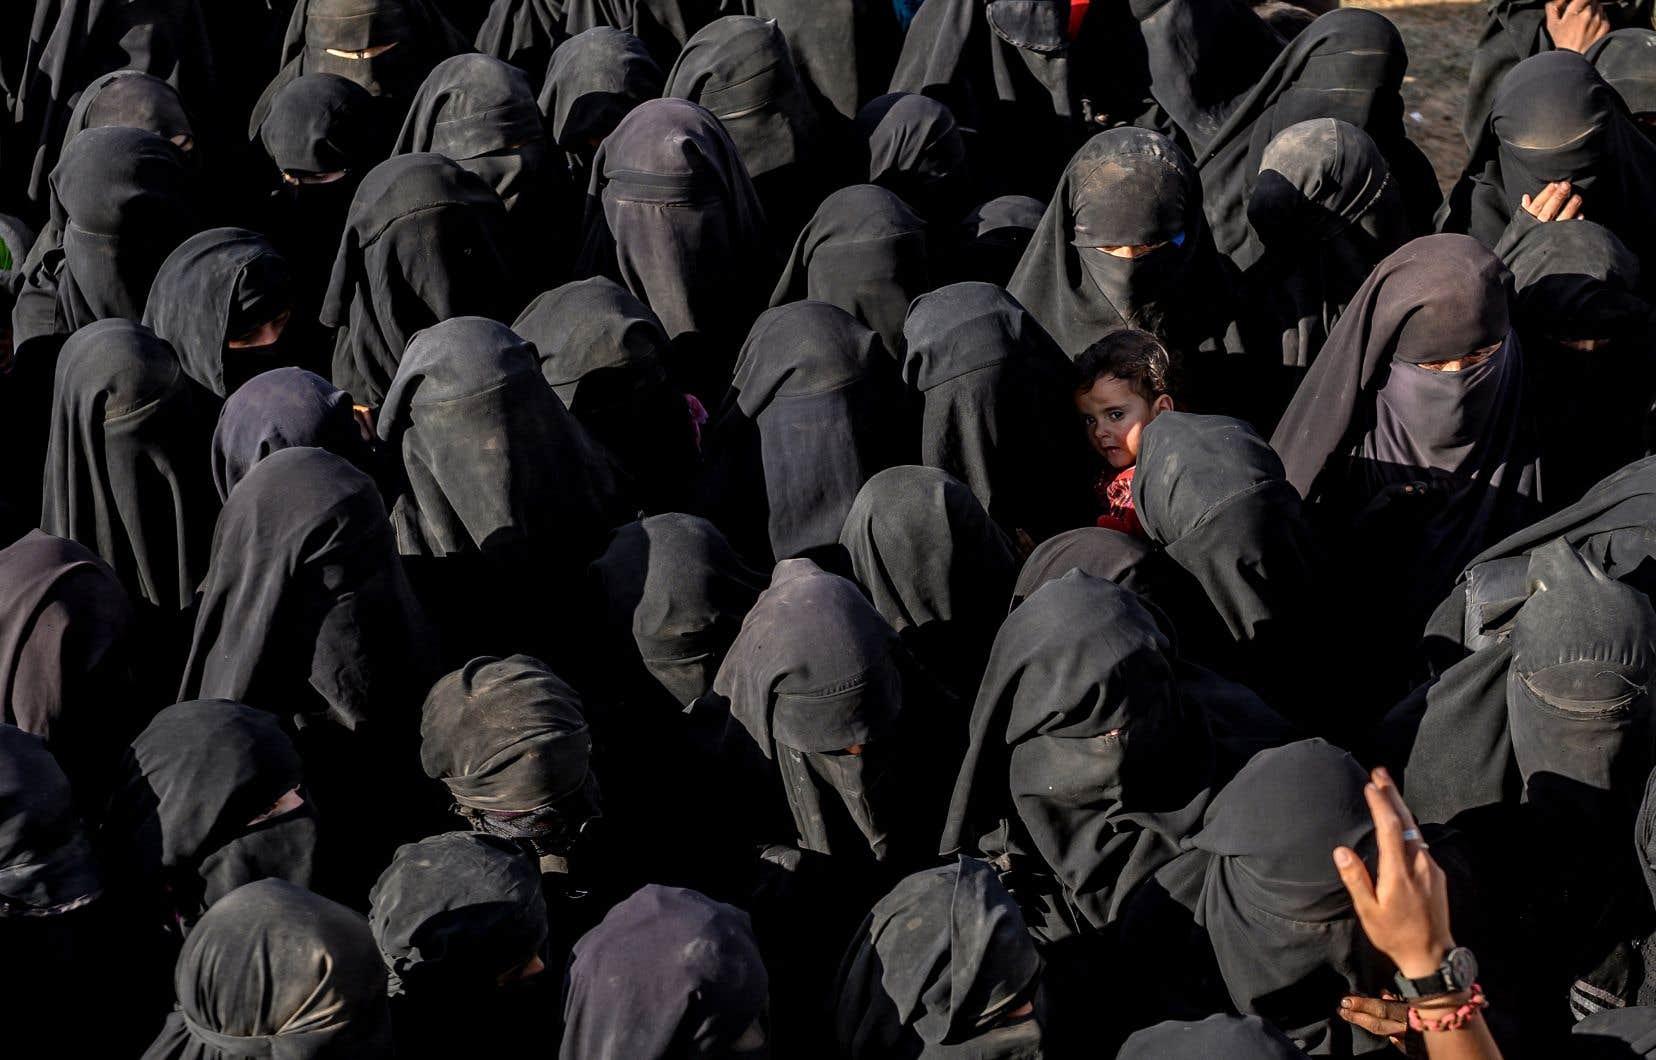 Plus de 7000 personnes ont fui Baghouz depuis dimanche, a indiqué à l'AFP un porte-parole des FDS.